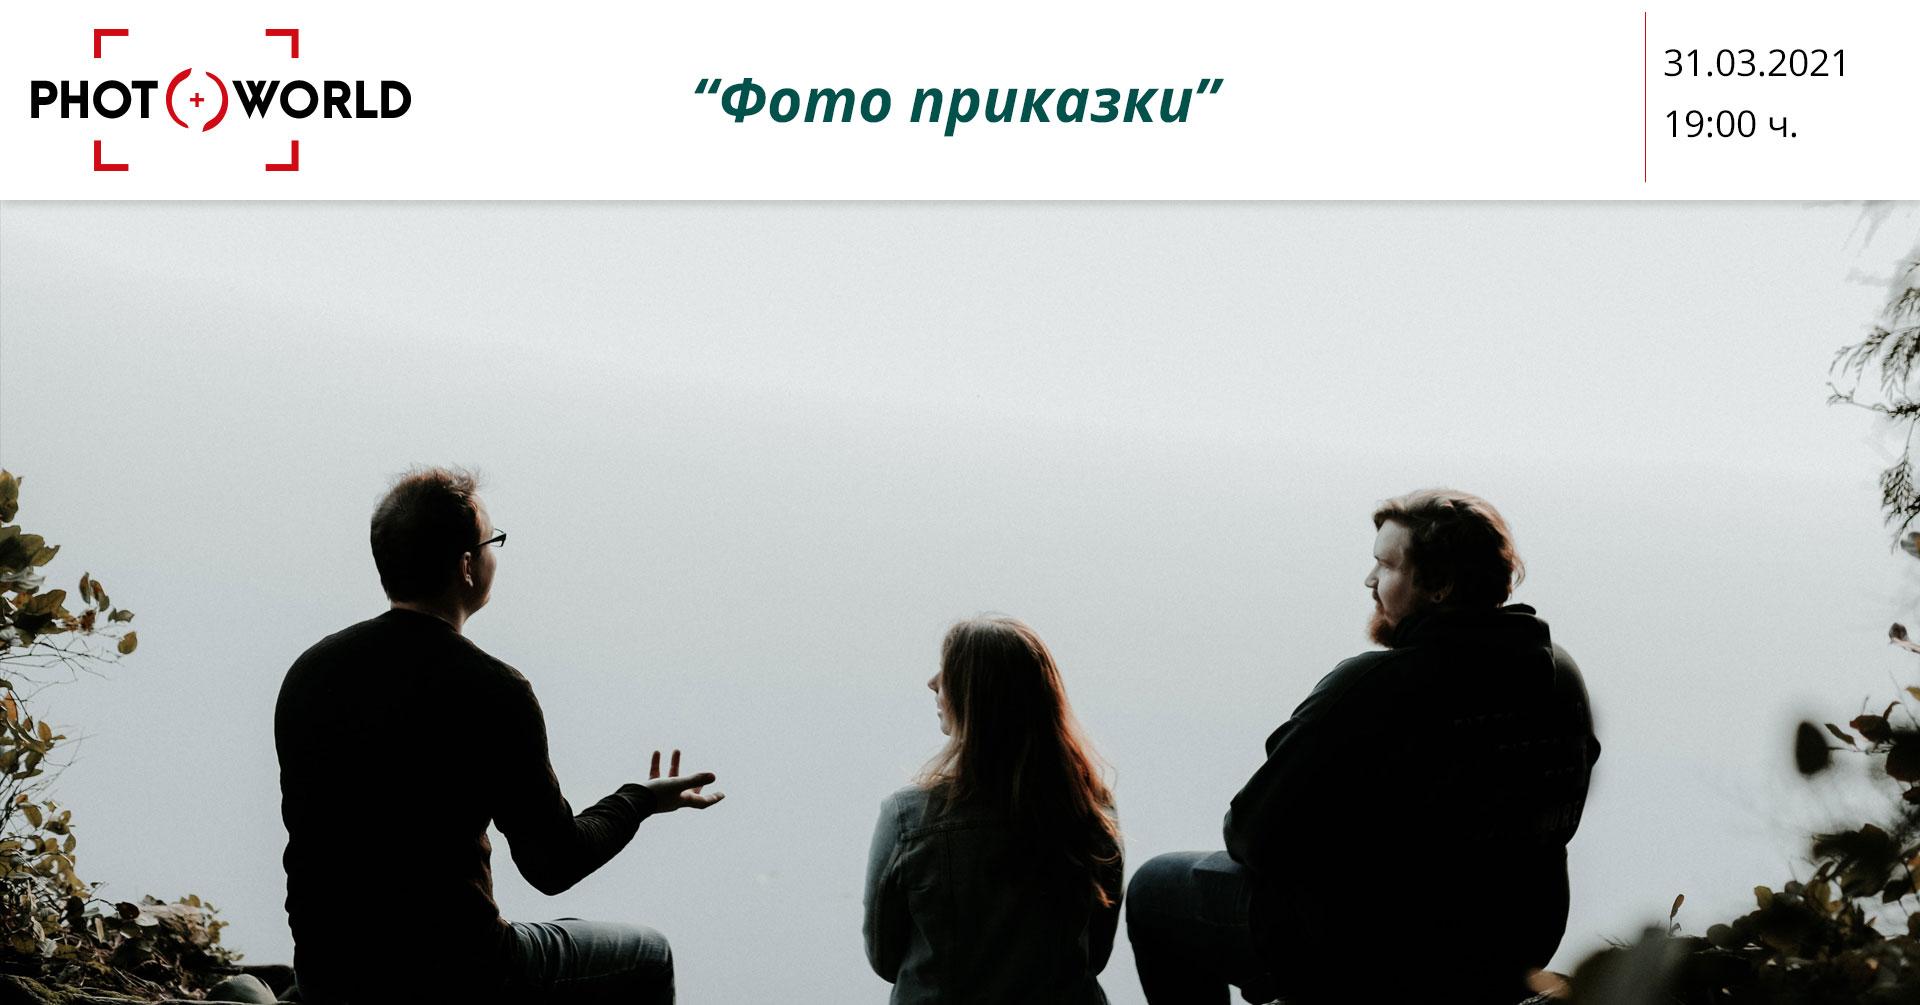 Фото приказки